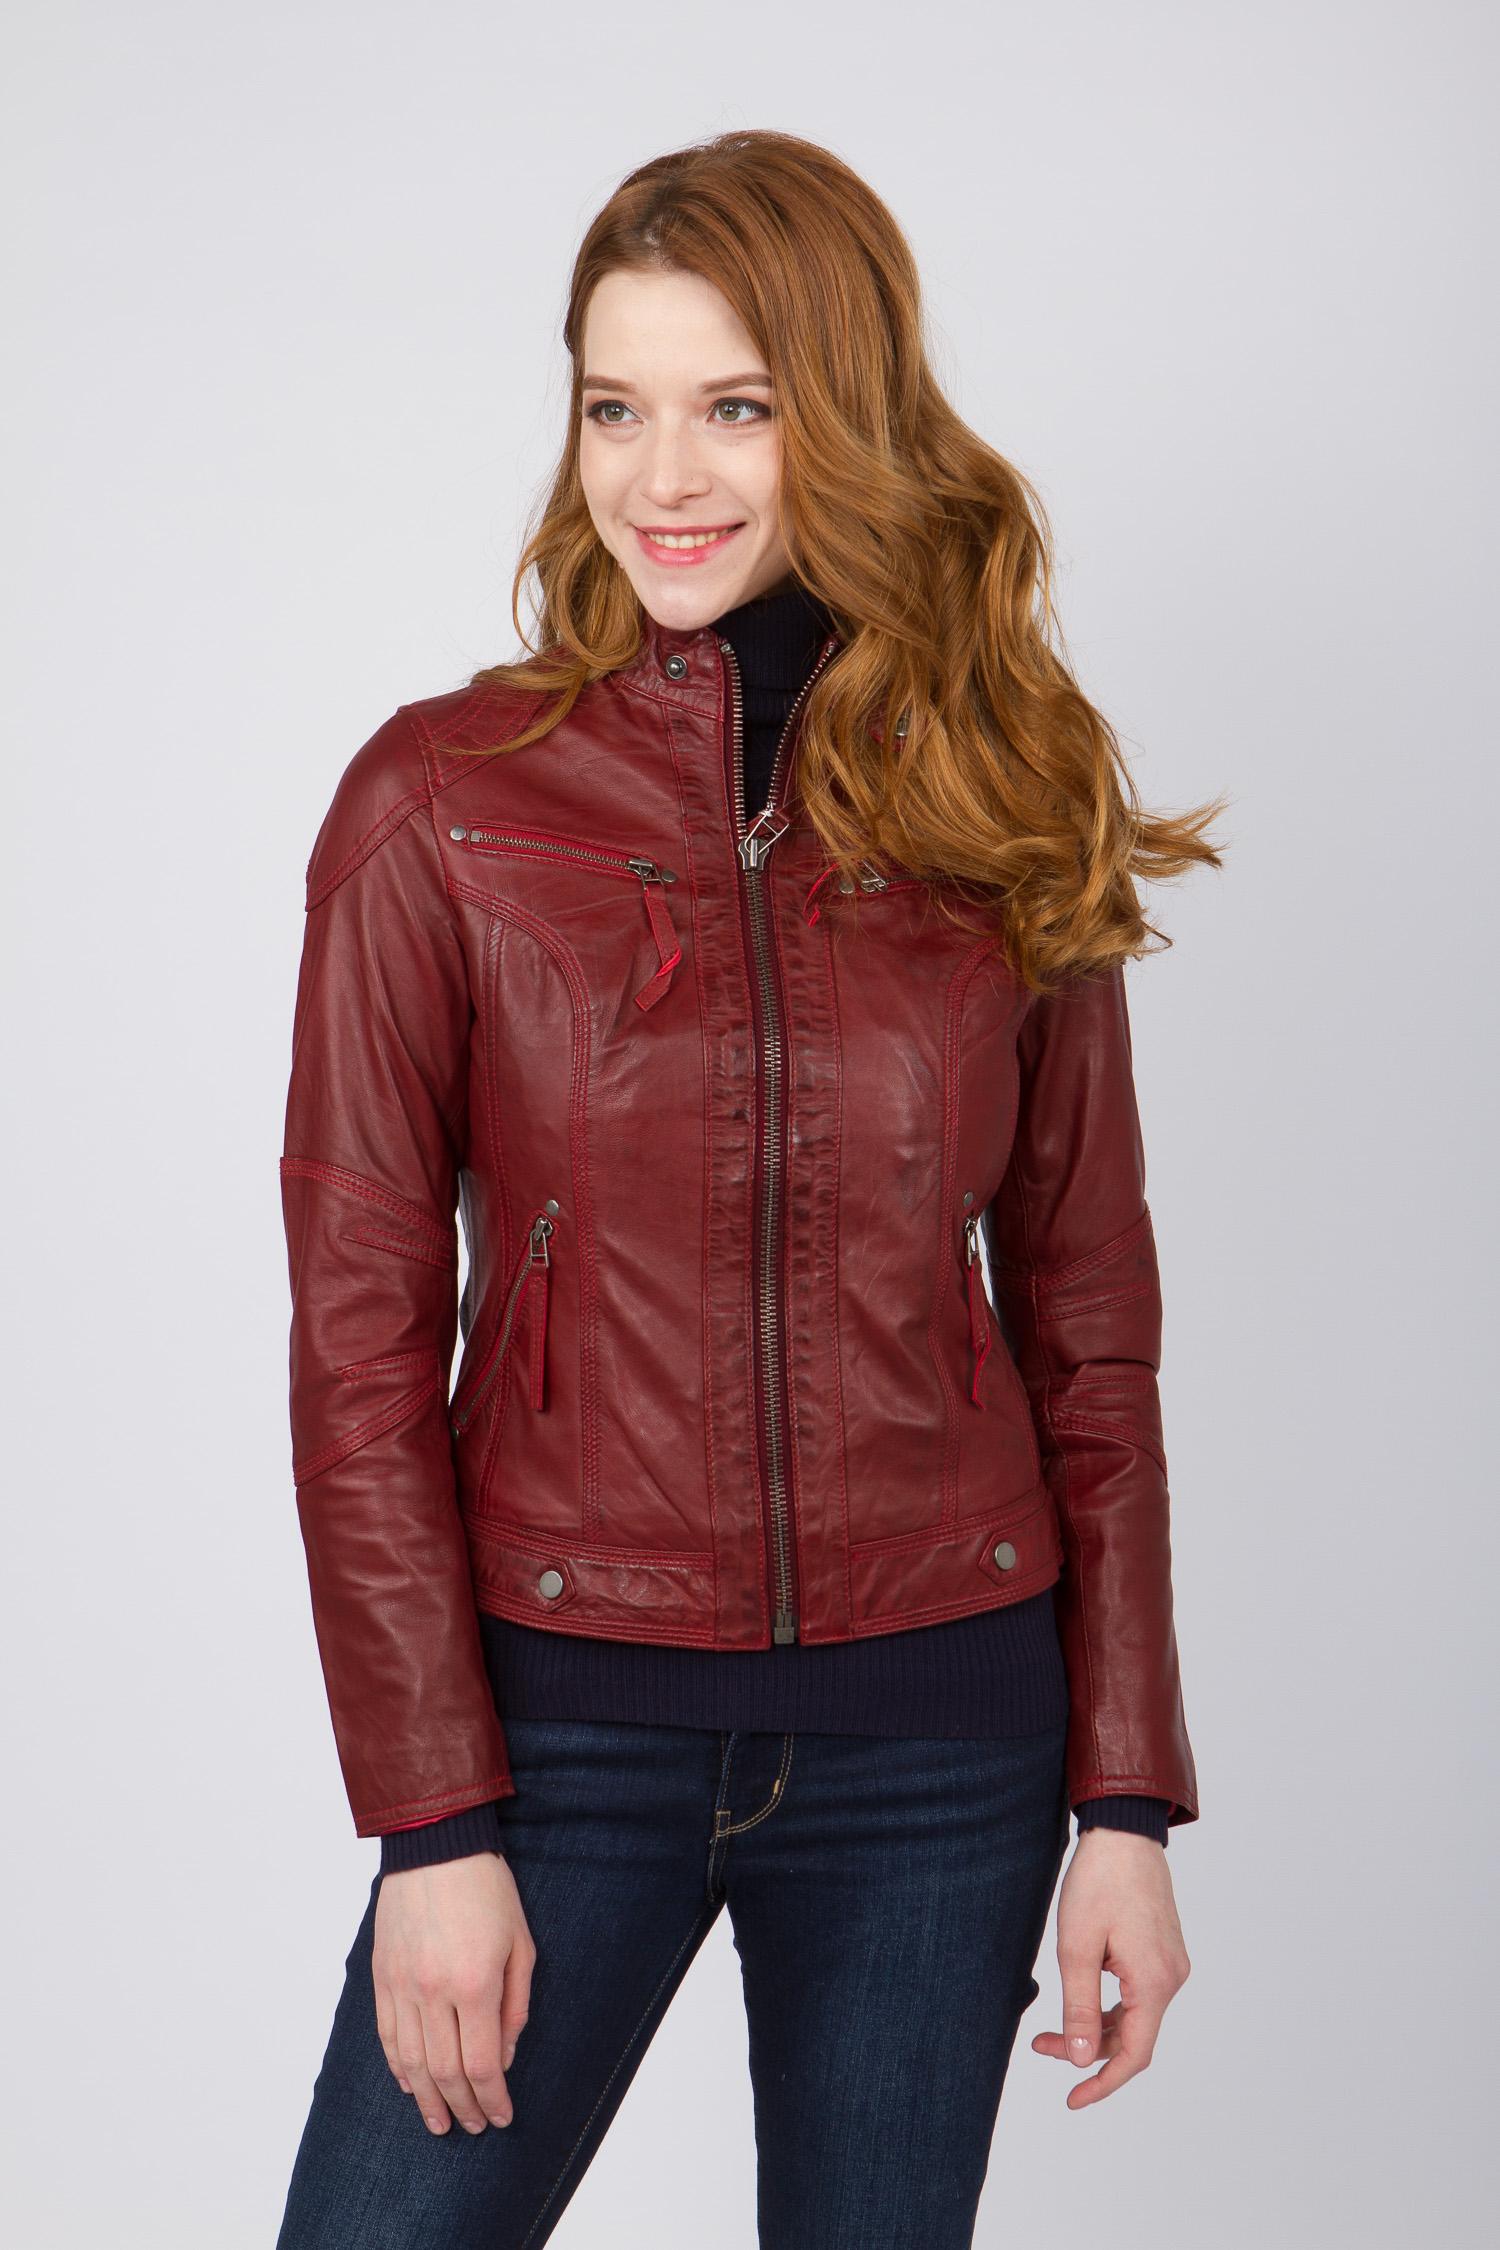 Женская кожаная куртка из натуральной кожи с воротником, без отделки<br><br>Воротник: стойка<br>Длина см: Короткая (51-74 )<br>Материал: Кожа овчина<br>Цвет: красный<br>Вид застежки: центральная<br>Застежка: на молнии<br>Пол: Женский<br>Размер RU: 52